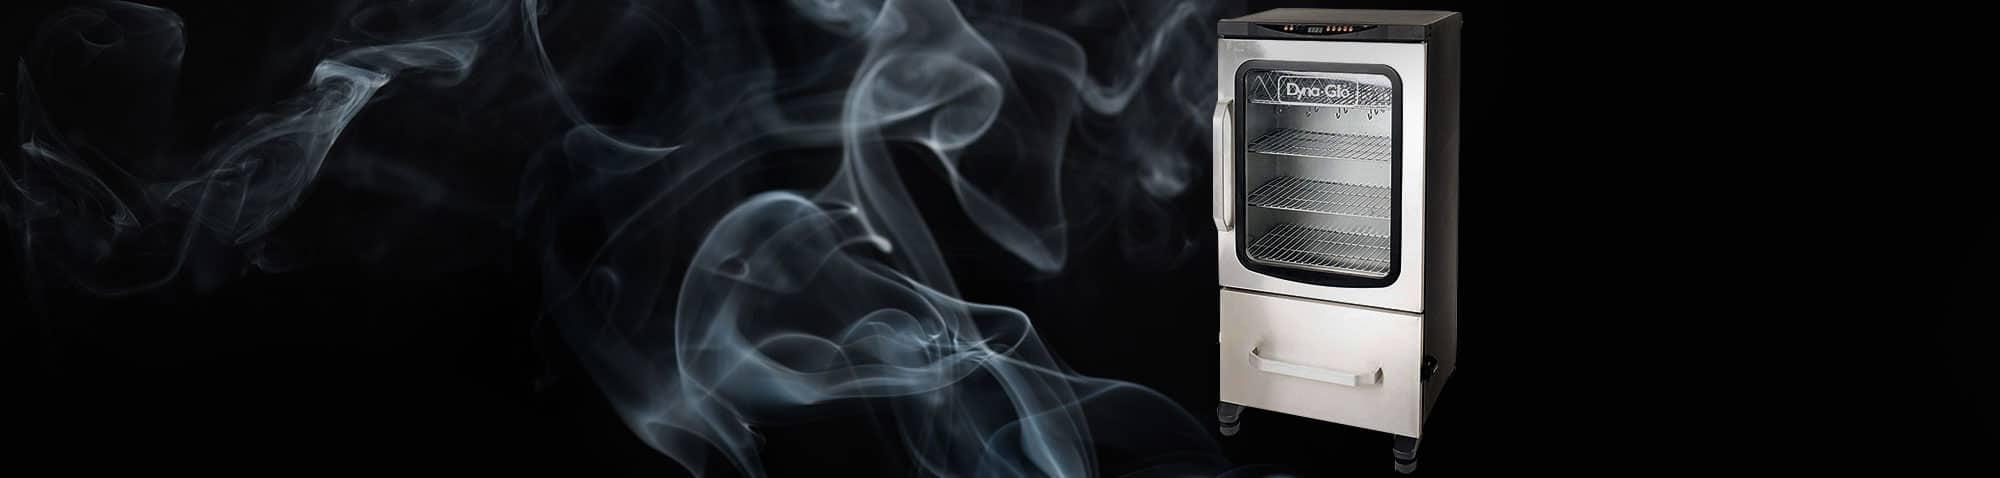 smoker-hero